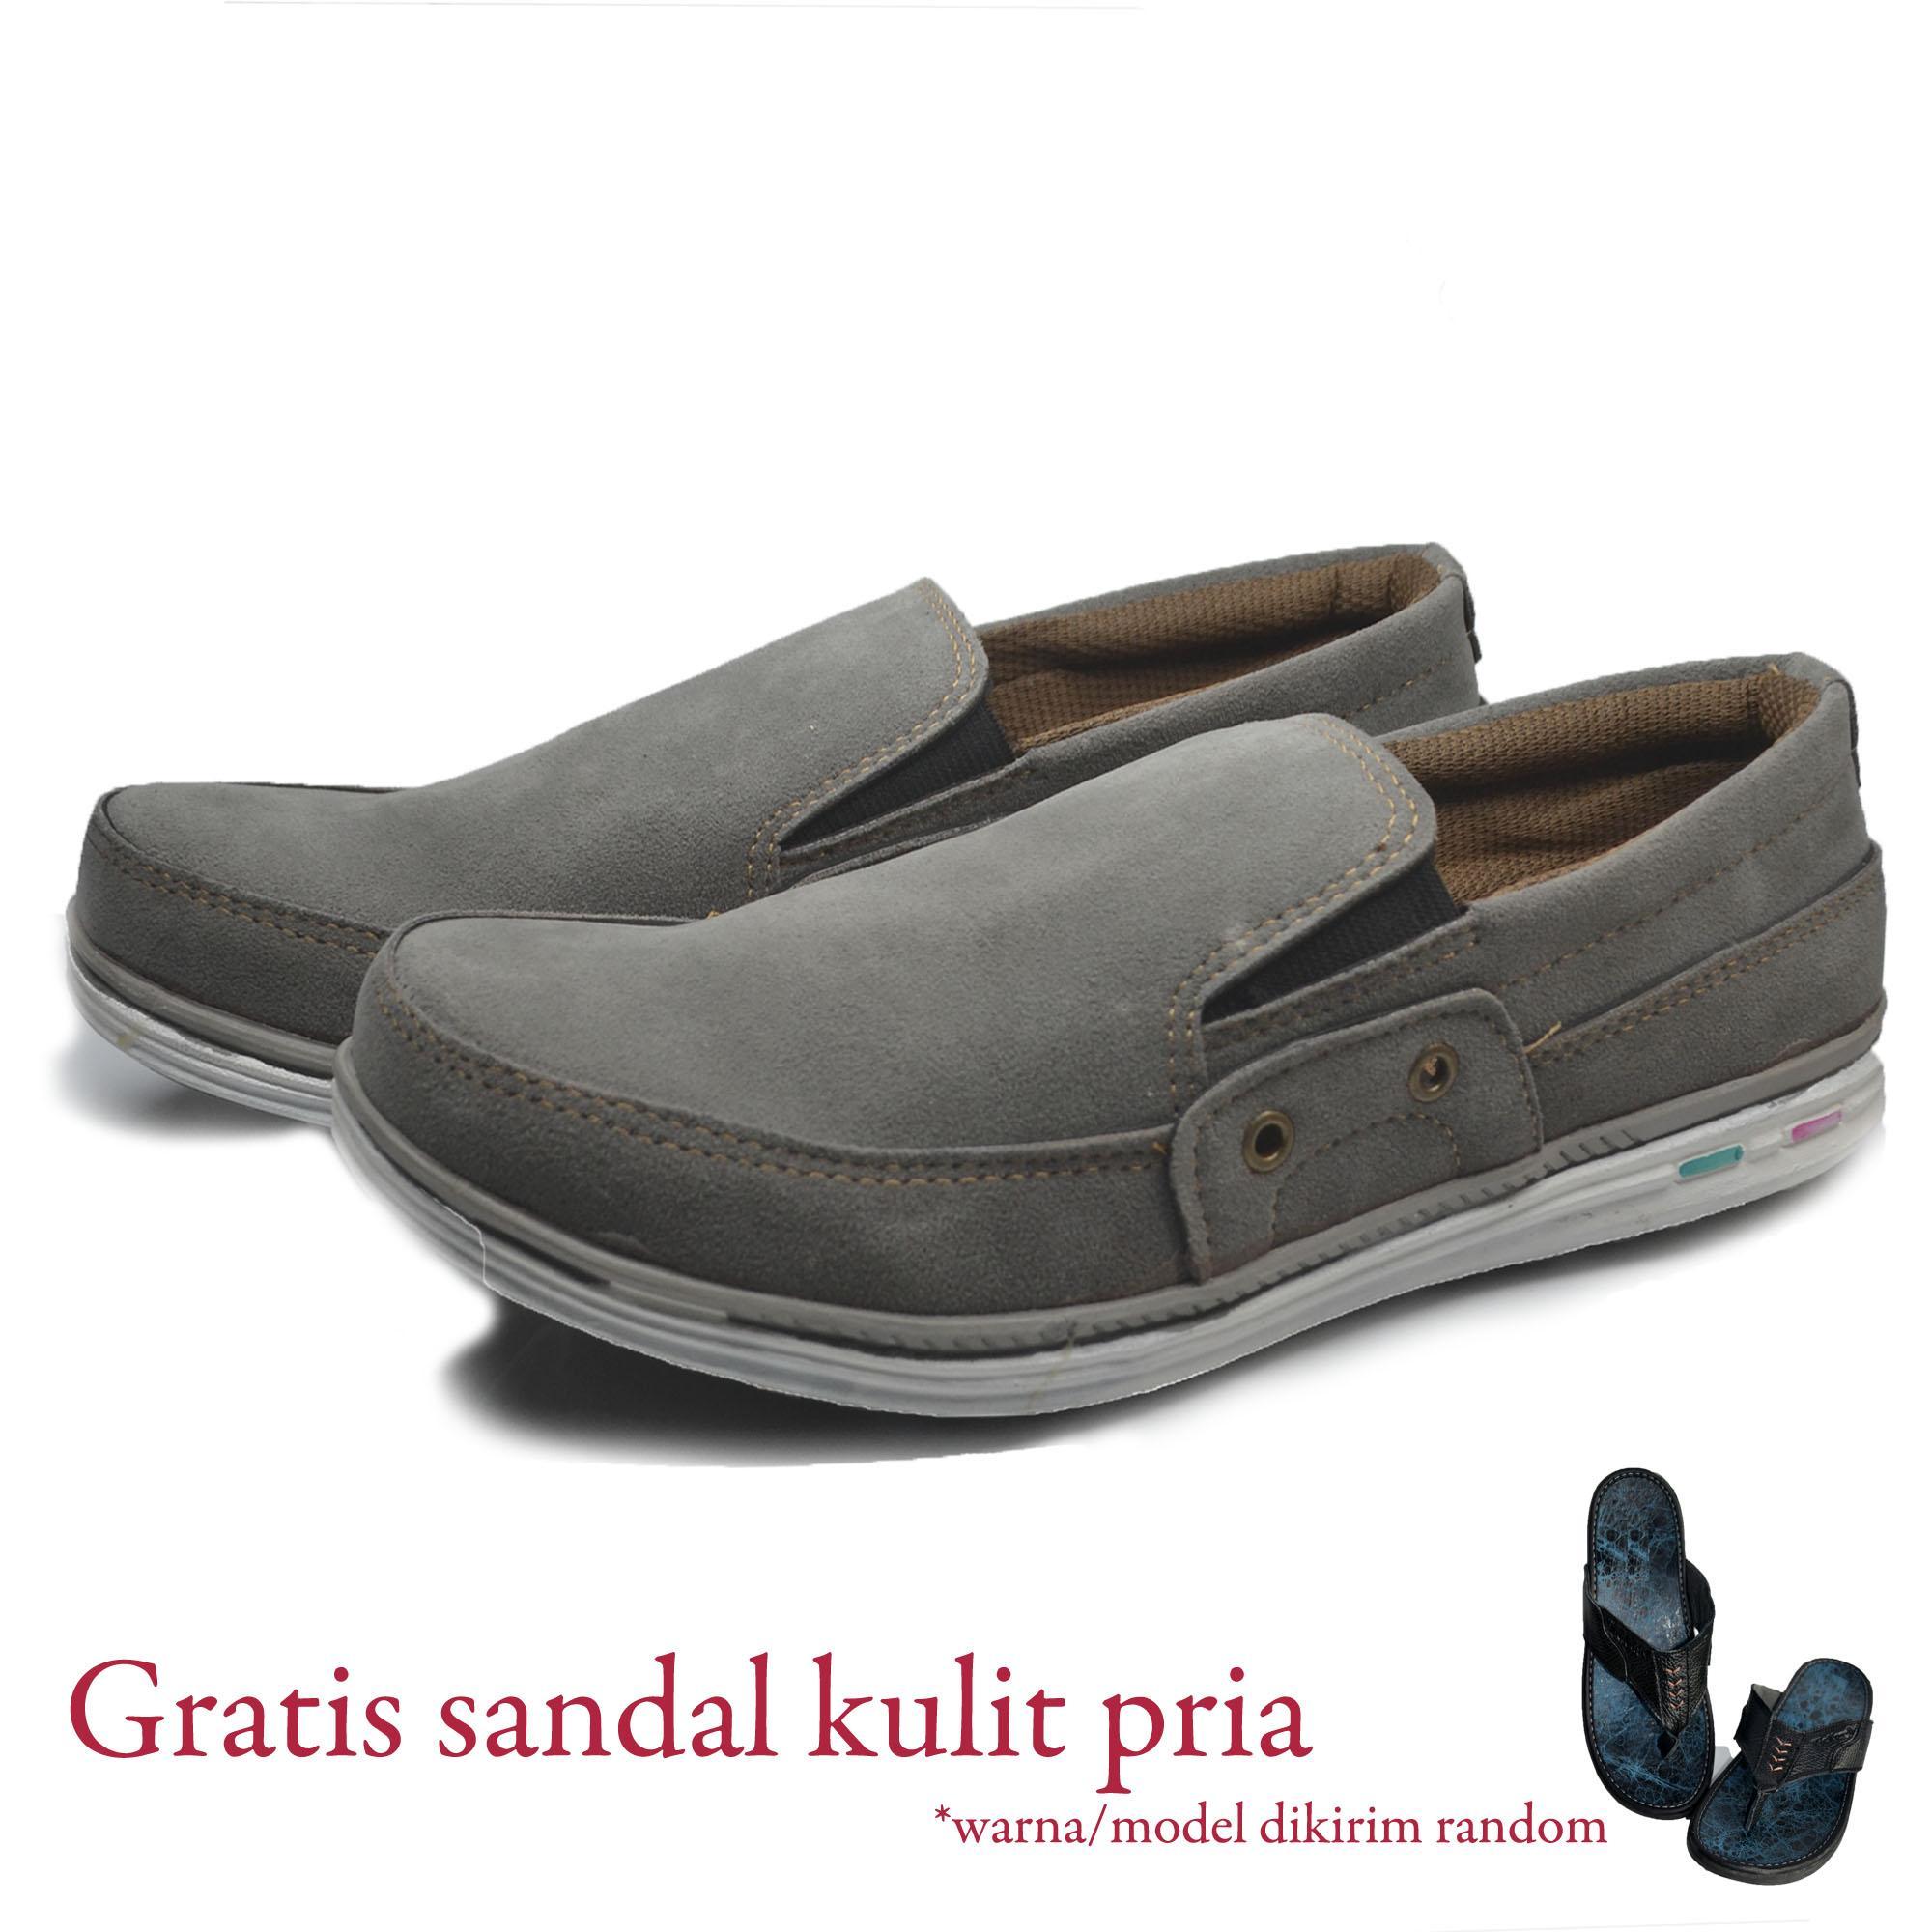 PANGERAN SNEAKERS - LKJ 700 sepatu kets sneakers dan kasual pria / sepatu kasual kanvas / sepatu sneaker pria / sepatu pria / sepatu sneaker murah /sepatu pria casual free SANDAL KULIT